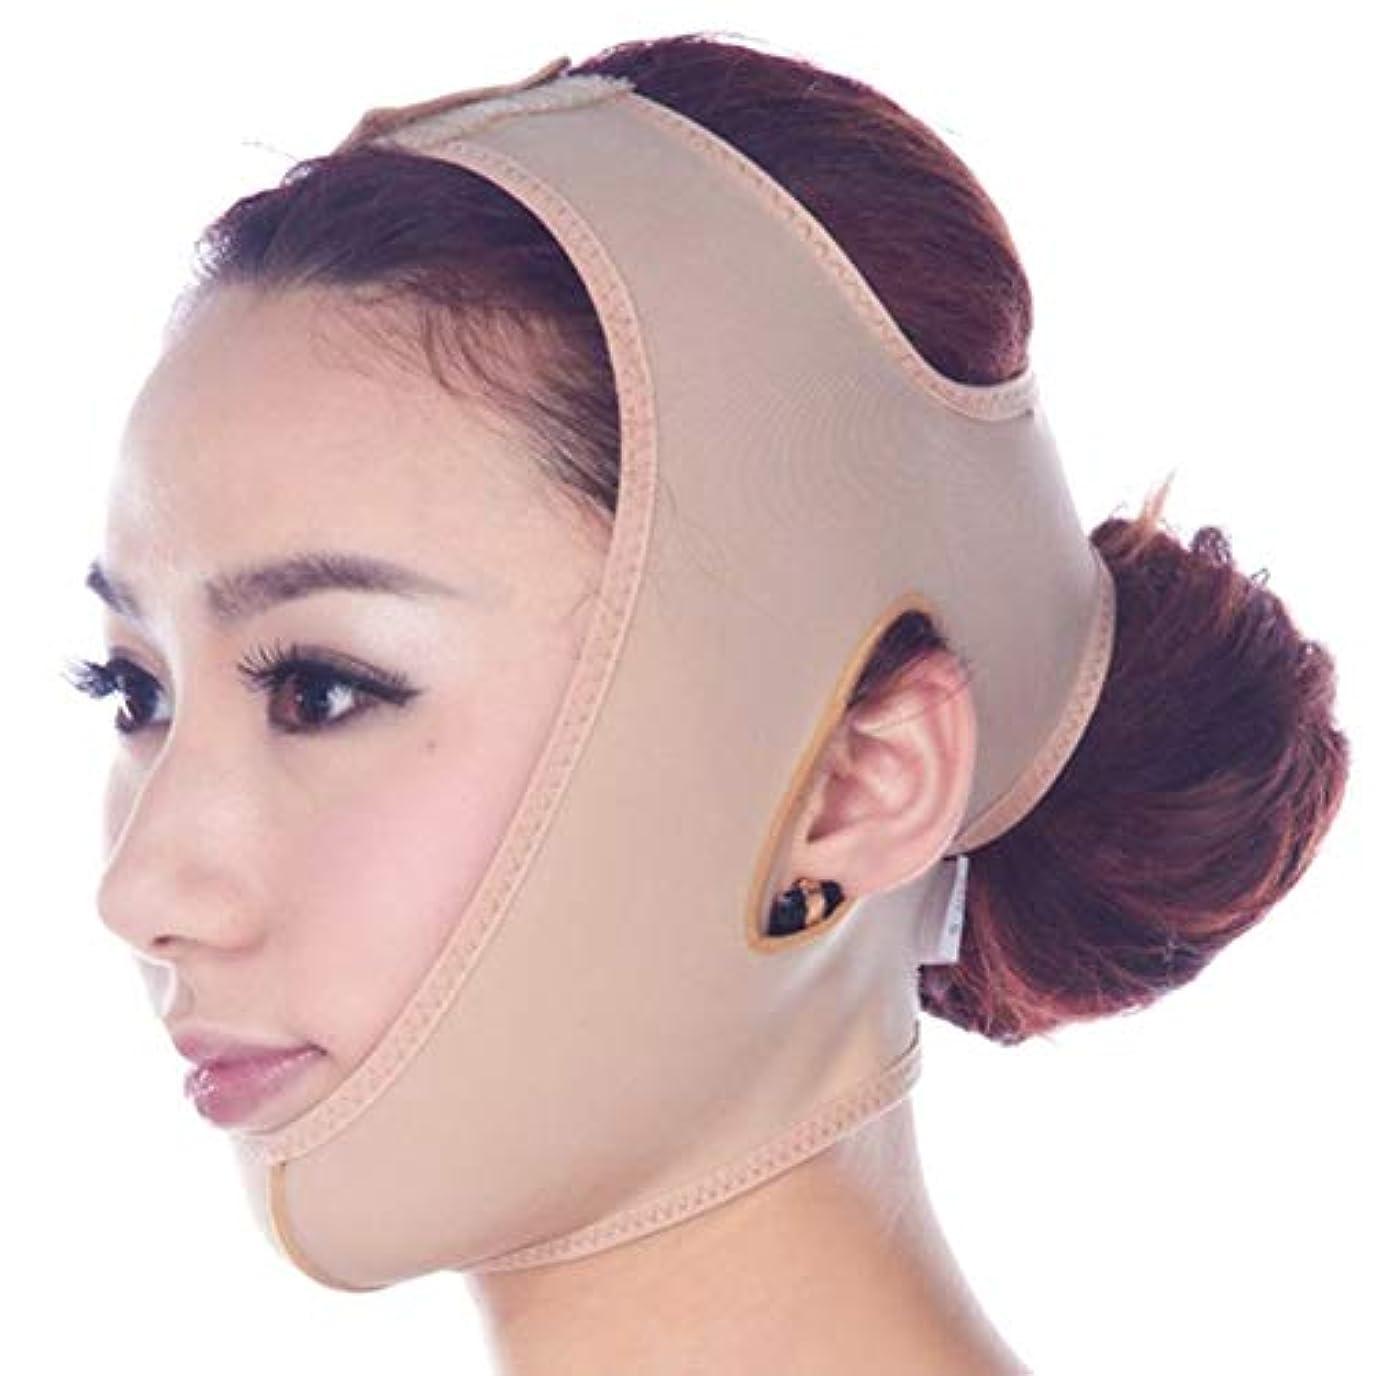 時インスタント精巧なフェイスリフトアップベルトマスク痩身包帯スキンケアシェイパーは、二重顎Thiningバンドを減らします,S